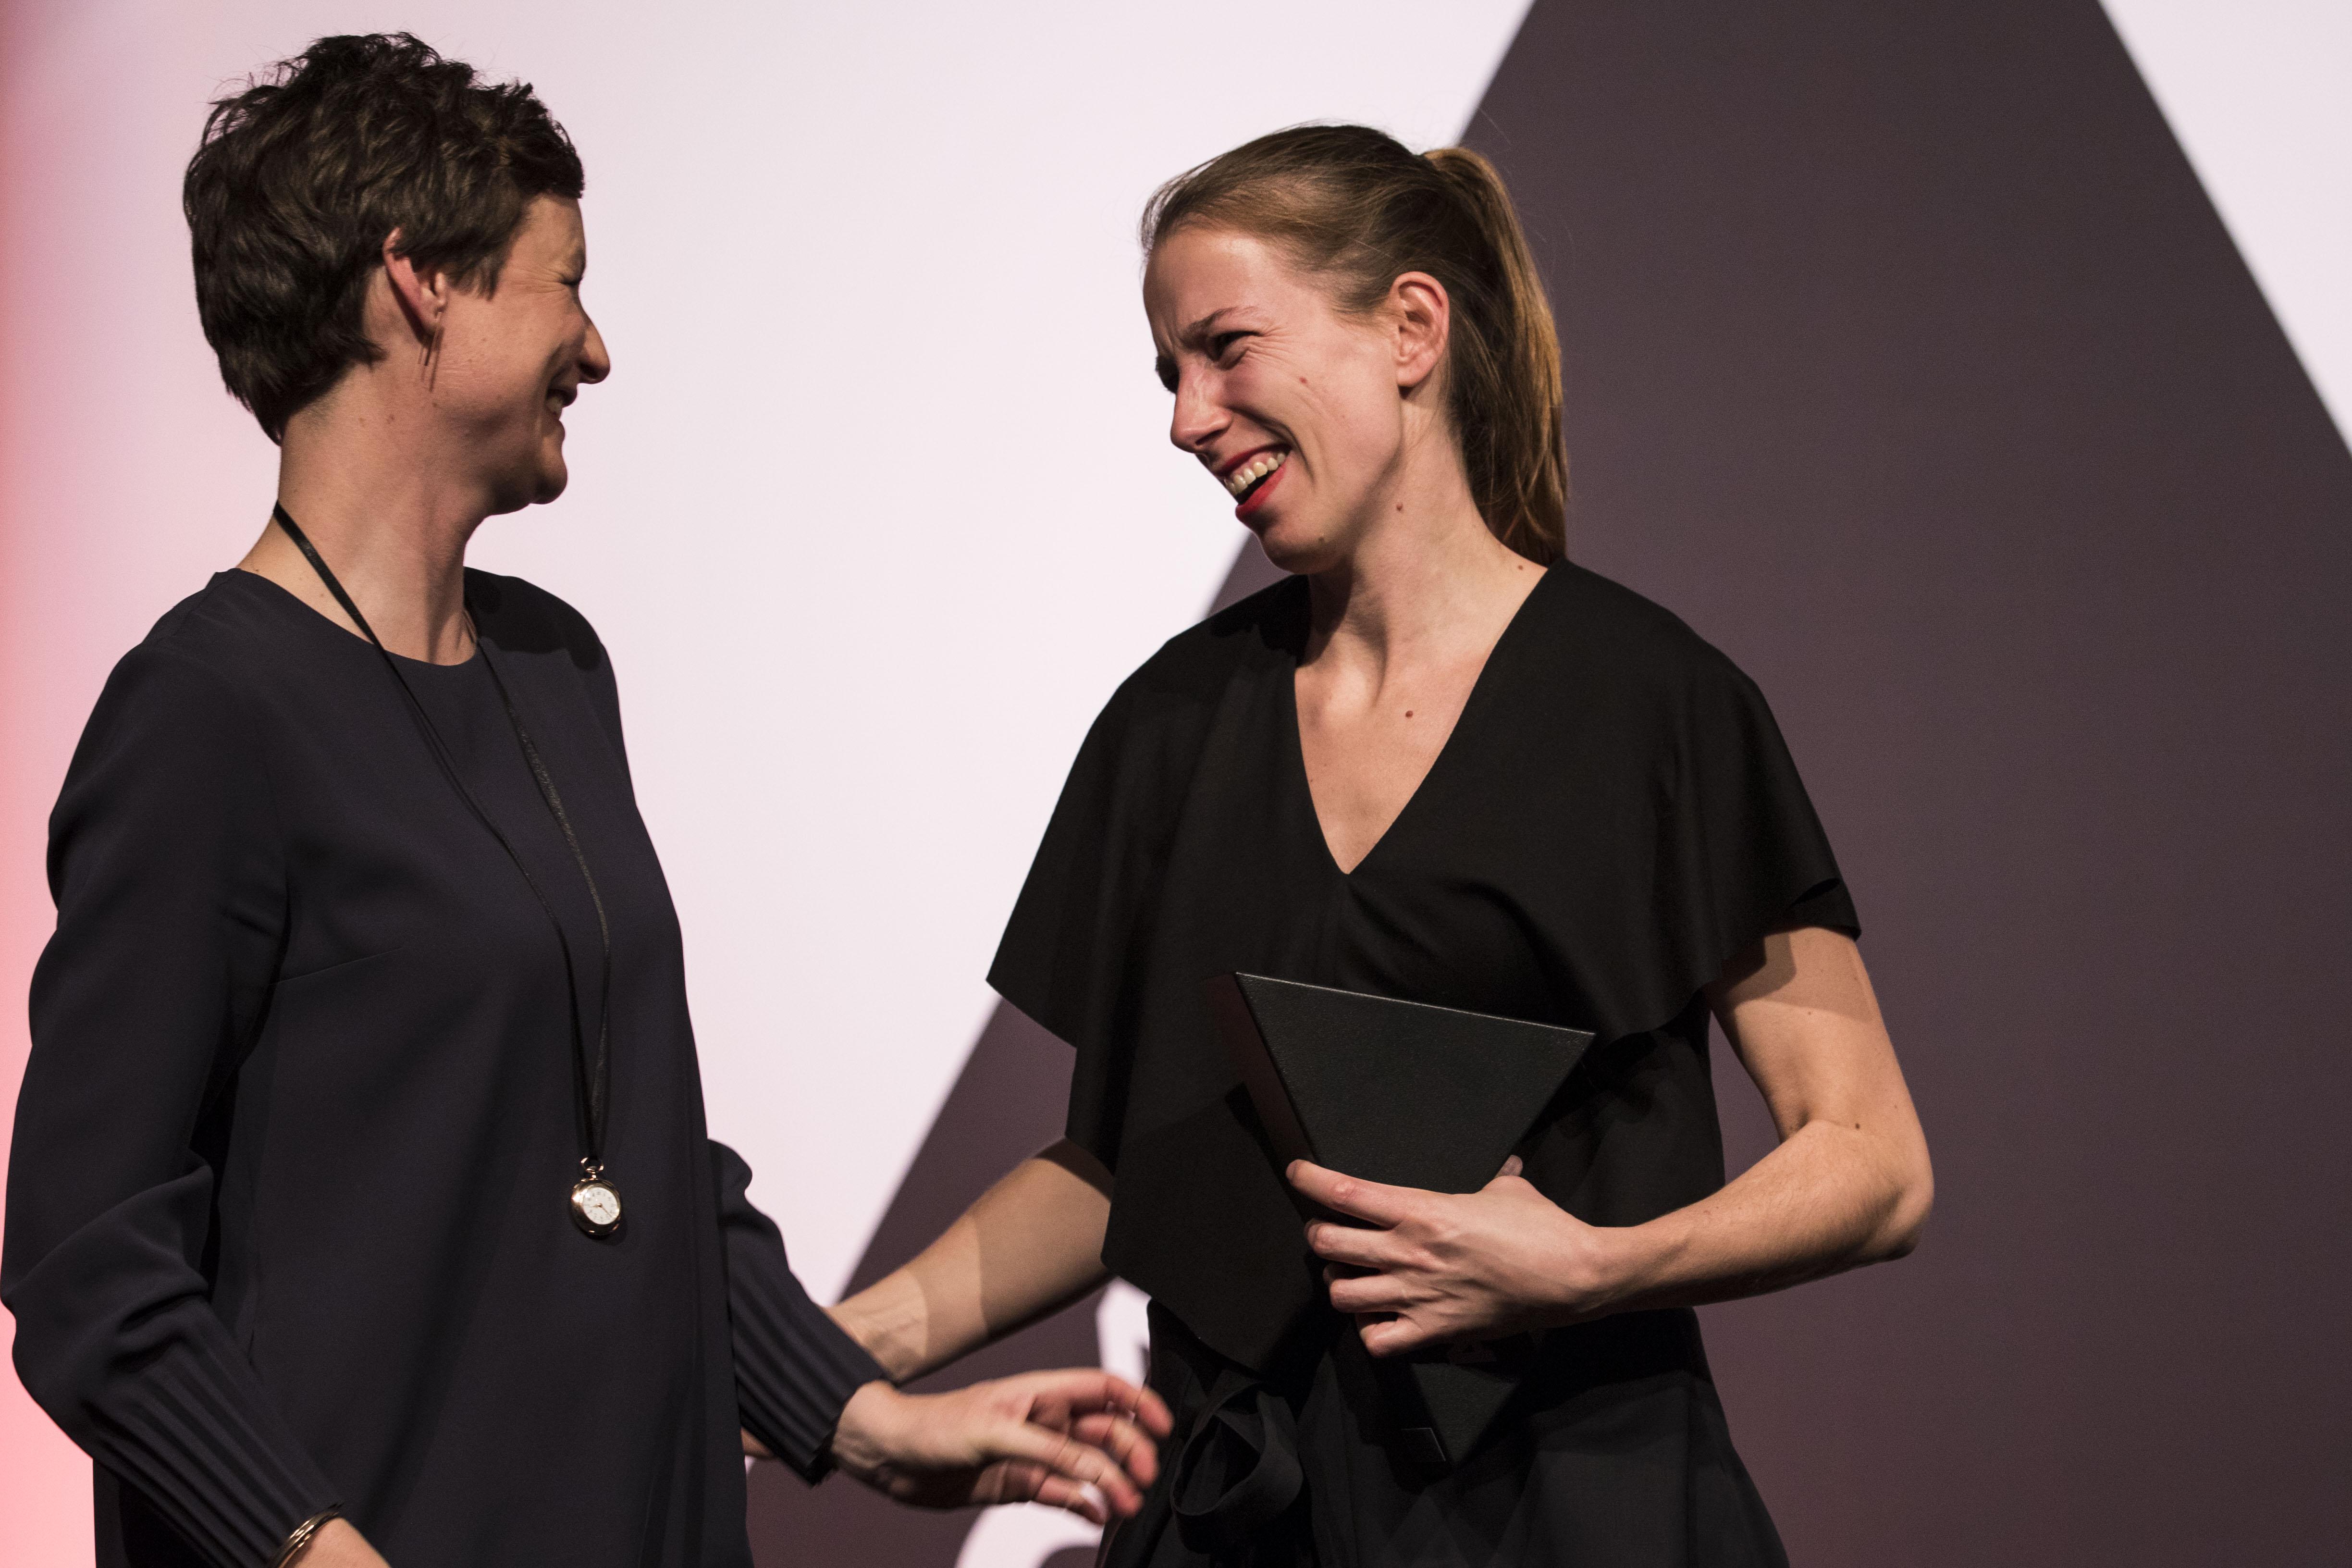 <p>Links Mijke Rood, juryvoorzitter ARC17 Detail Award met Marieke Kums tijdens de overhandiging van de ARC17 Detail Award. Foto: Elvins Fotografie</p>